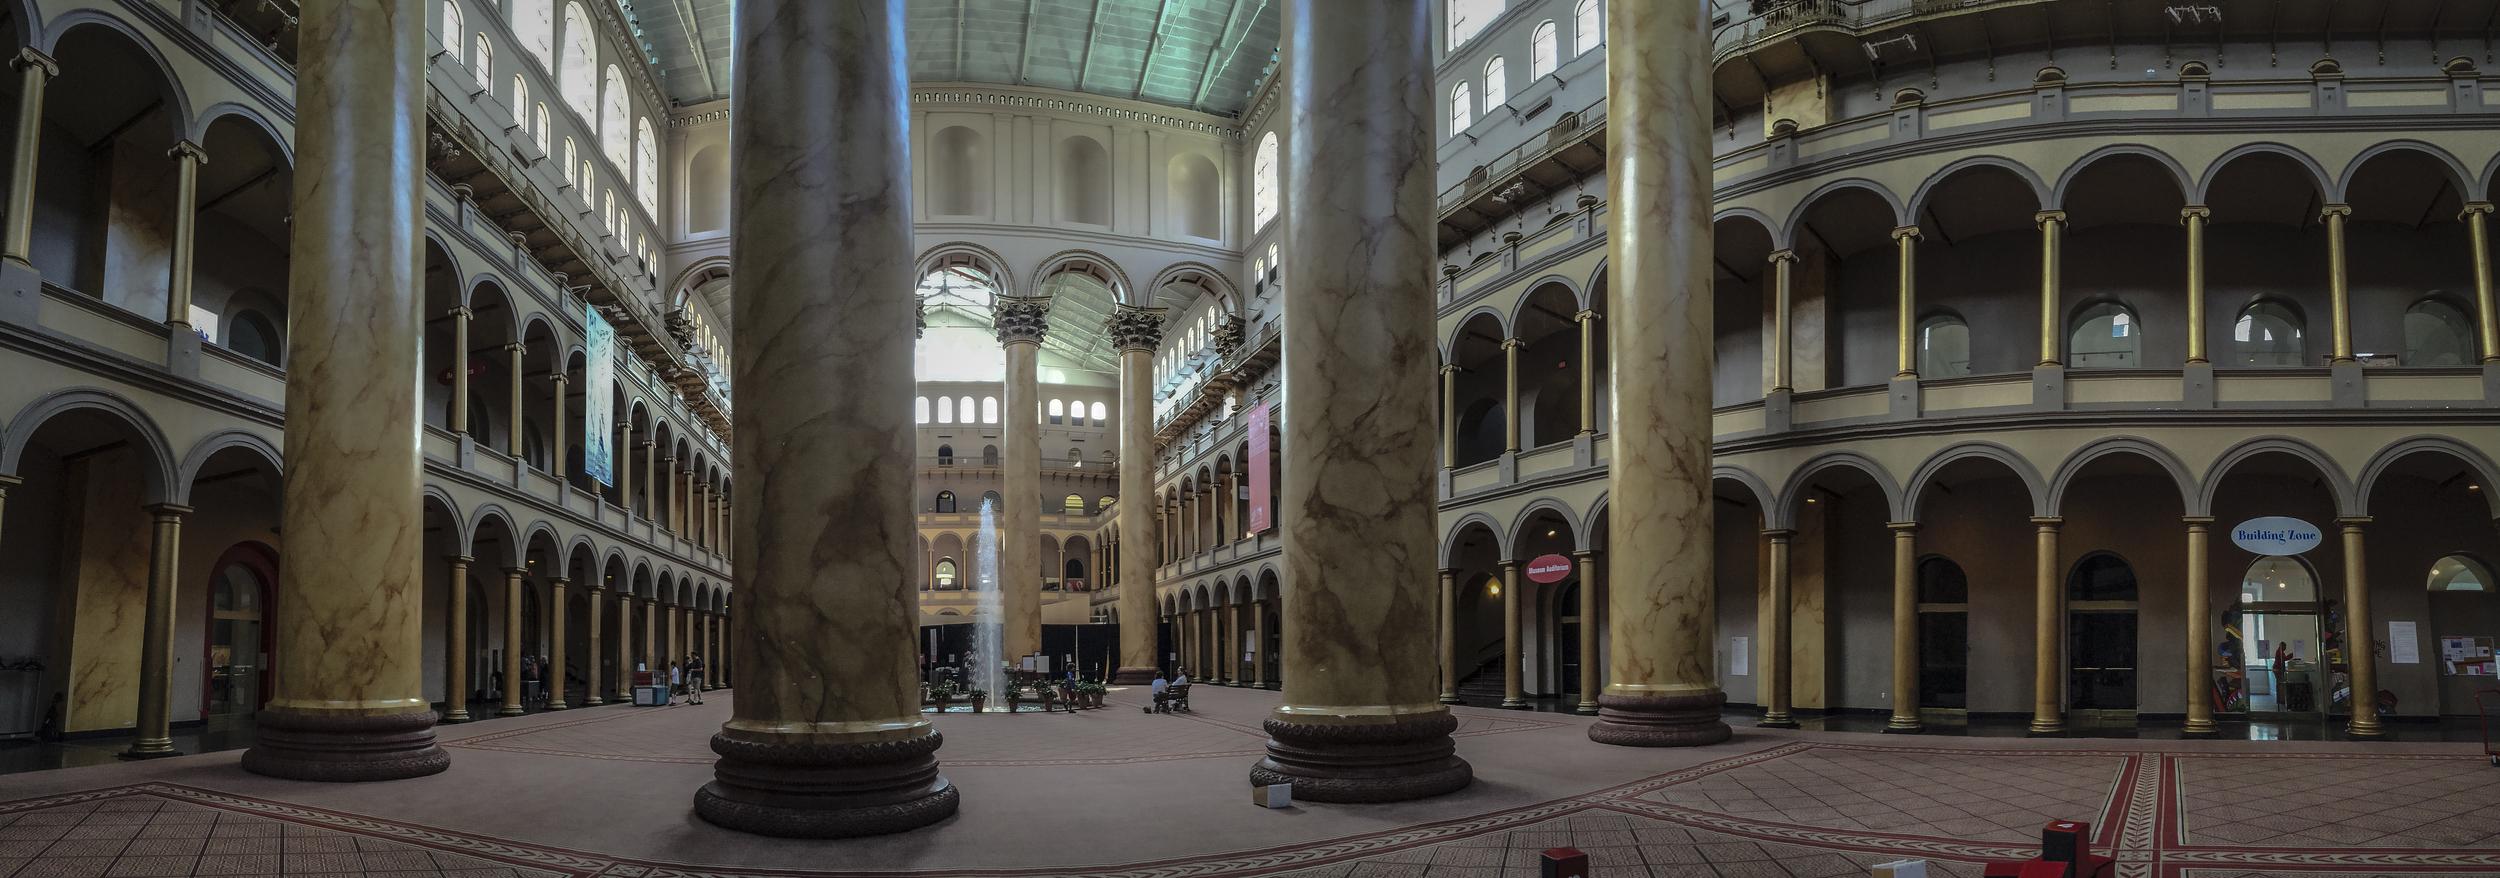 National Building Museum Washington D.C.